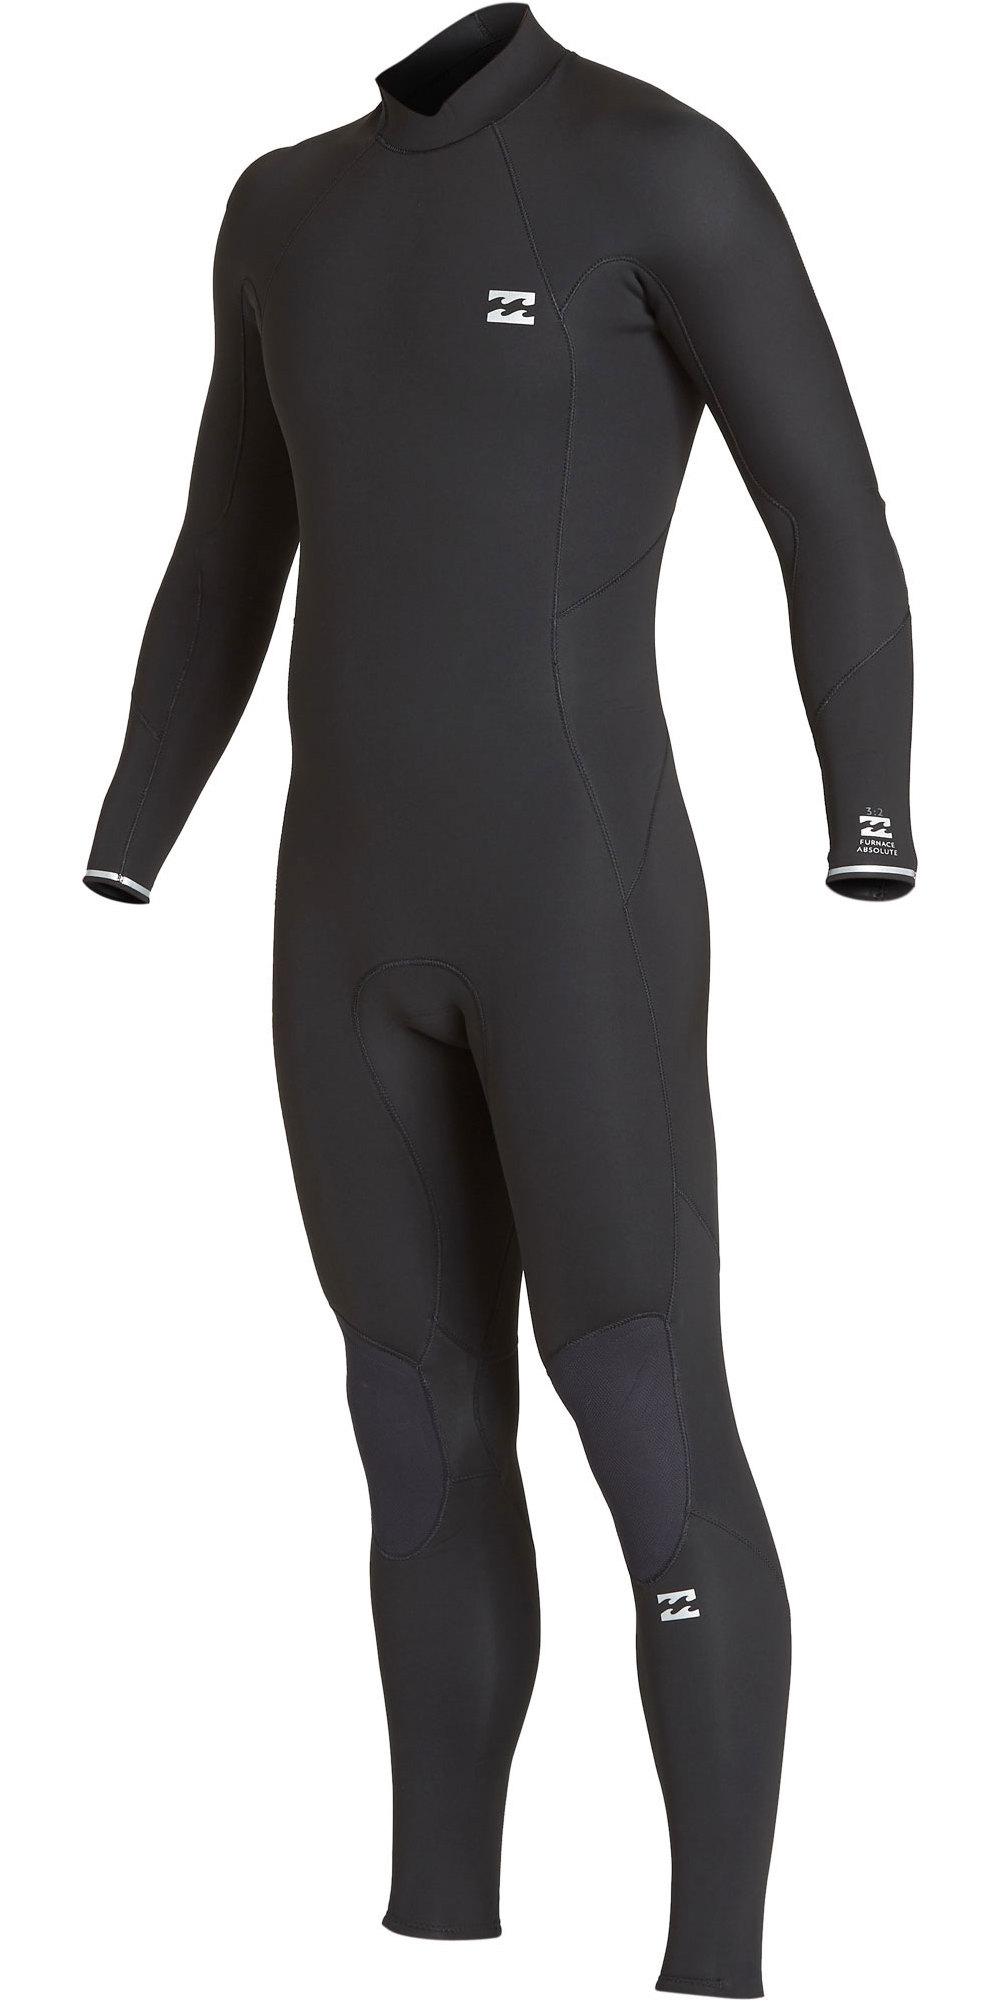 2019 Billabong Junior Furnace Absolute 5/4mm Back Zip Wetsuit Black Q45B03